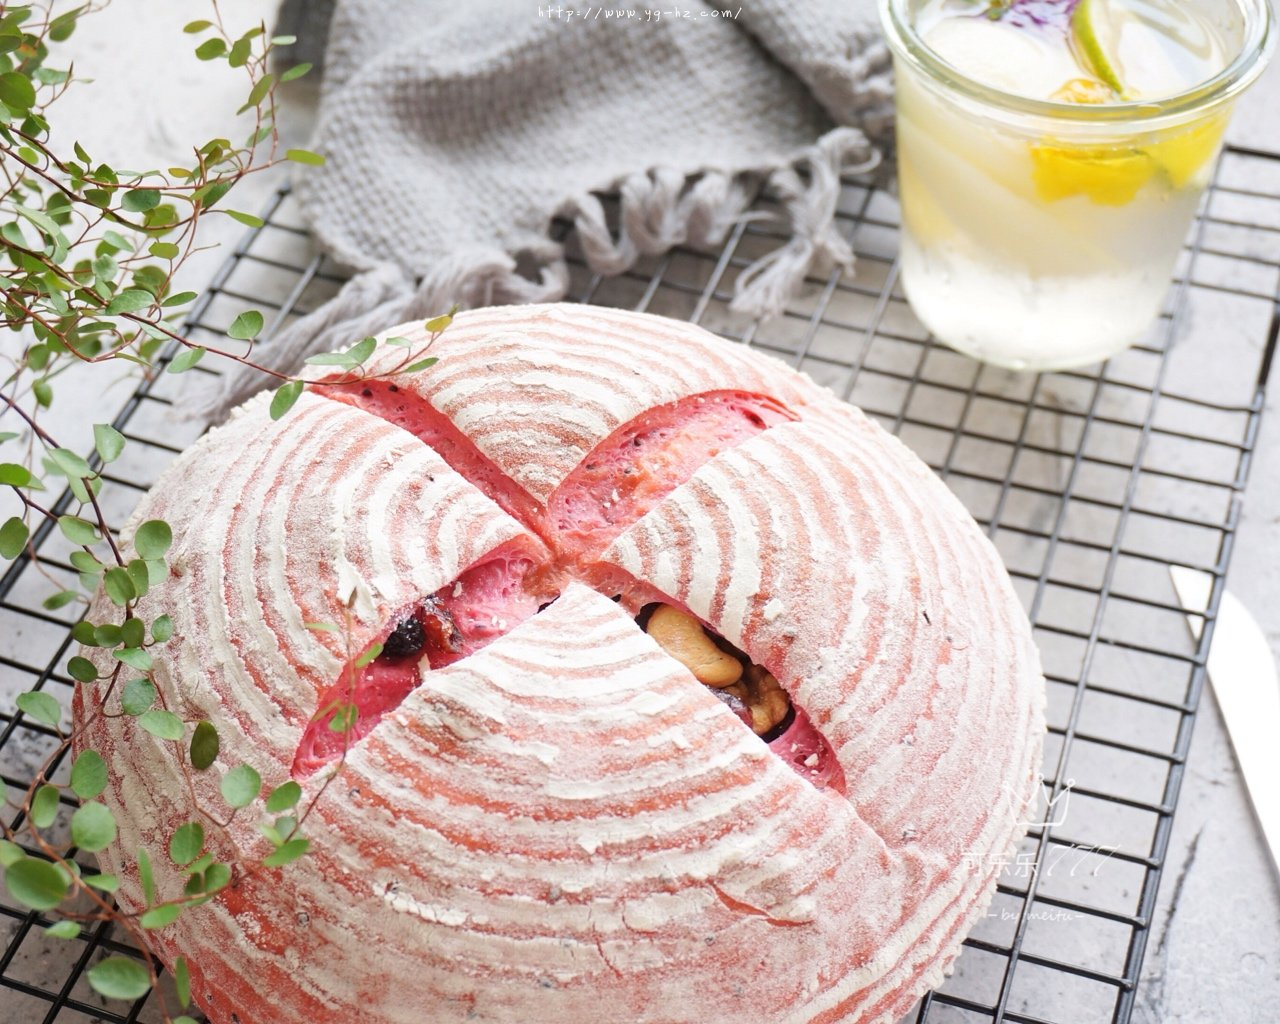 火龙果全麦坚果面包的做法